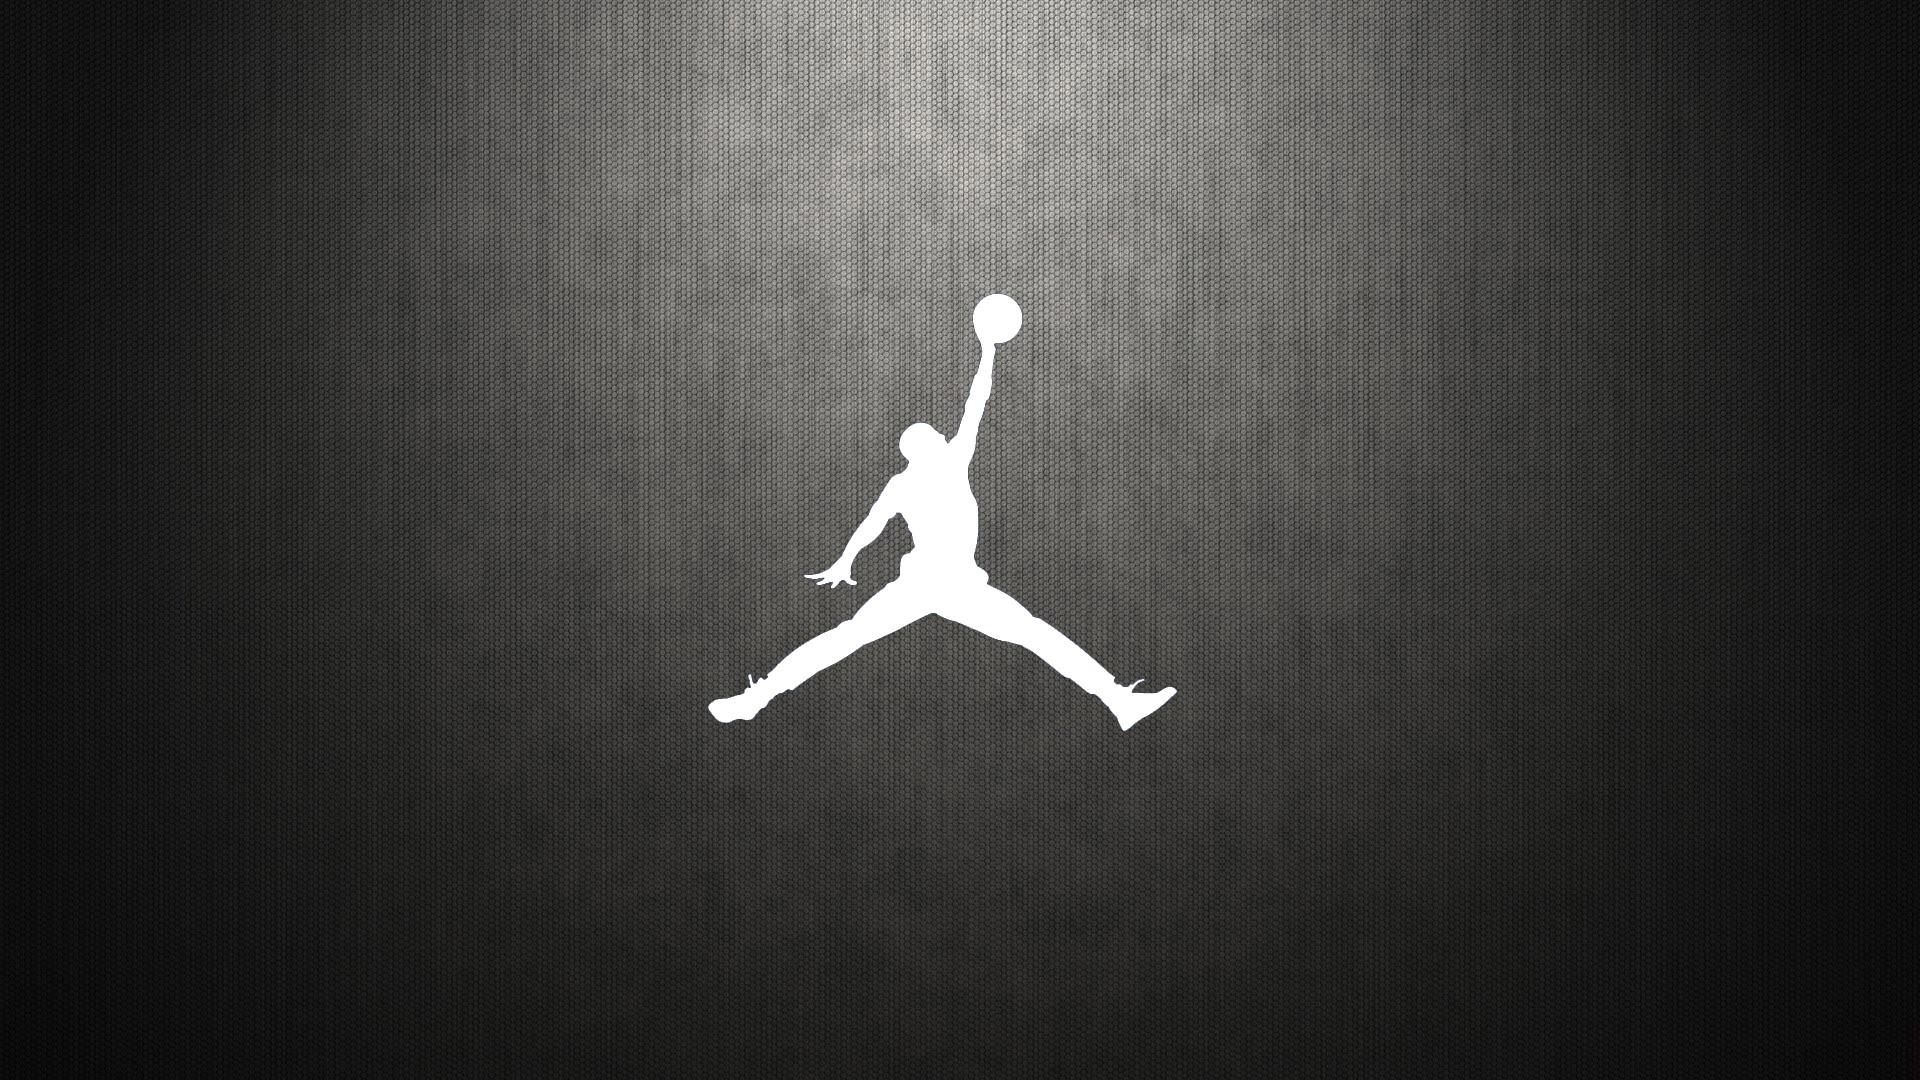 Michael Jordan Wallpapers Hd Download Free Pixelstalk Air Jordan